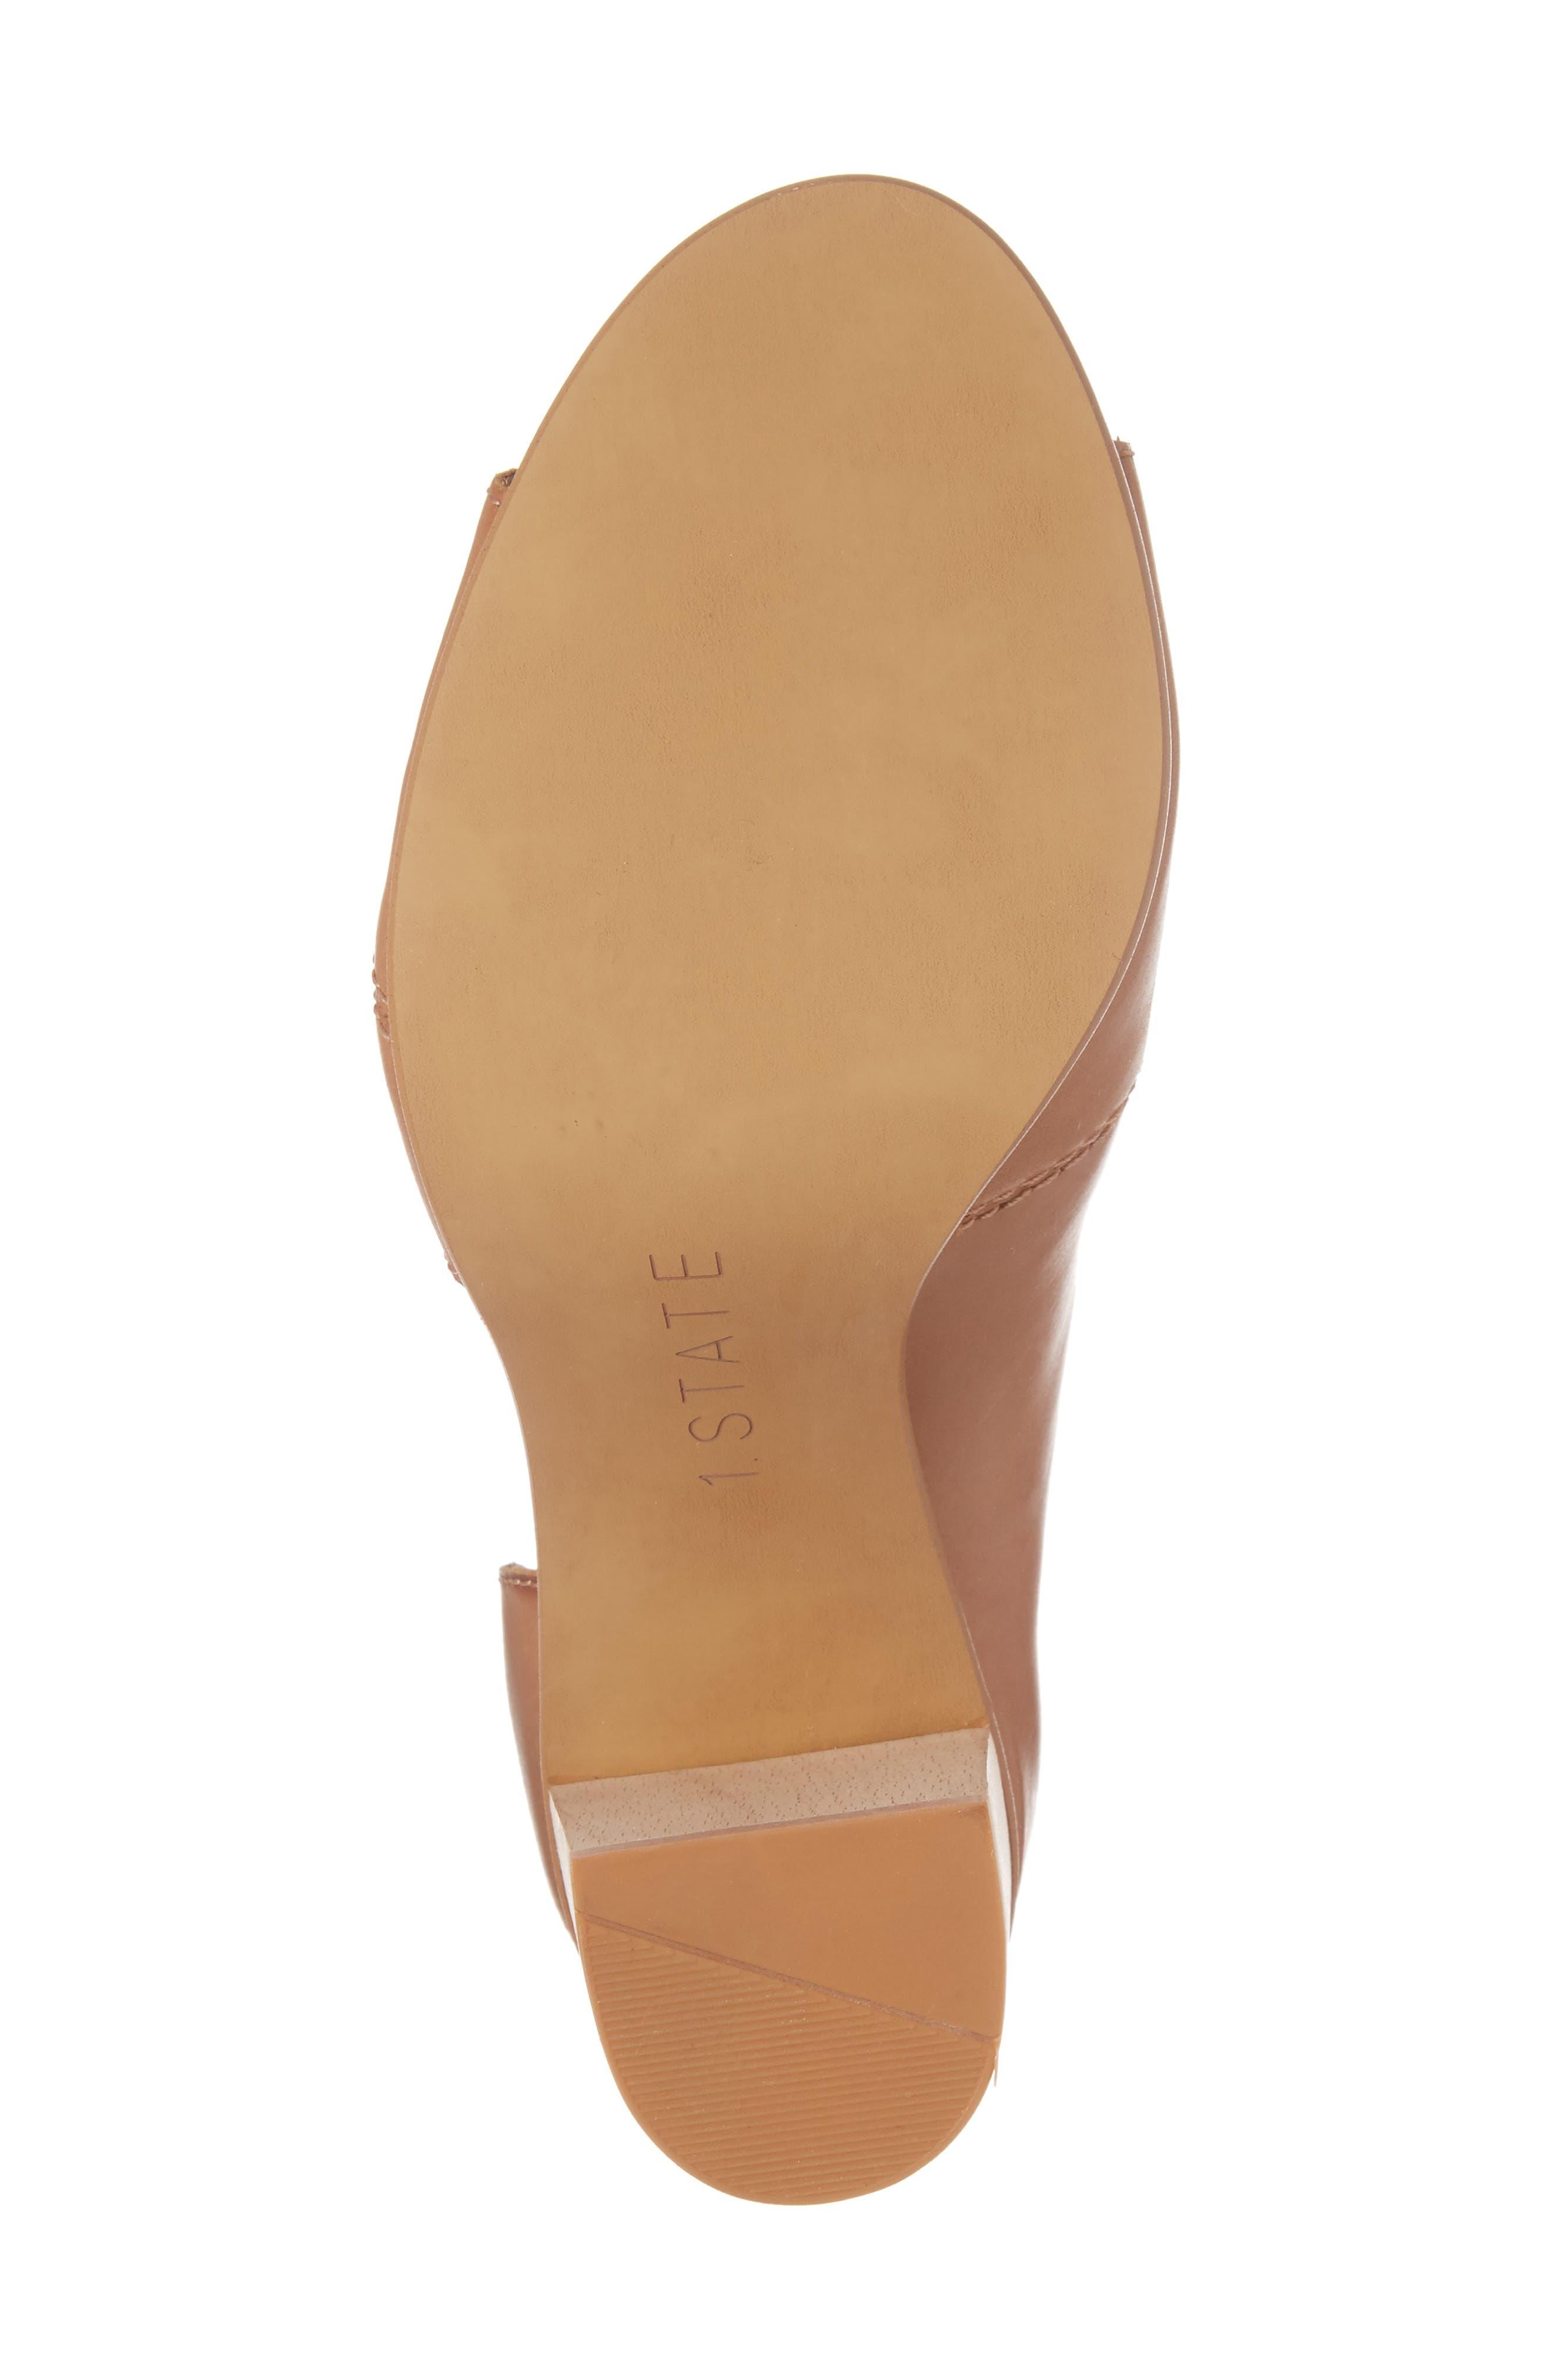 Amble Asymmetrical Sandal,                             Alternate thumbnail 6, color,                             Tan Leather